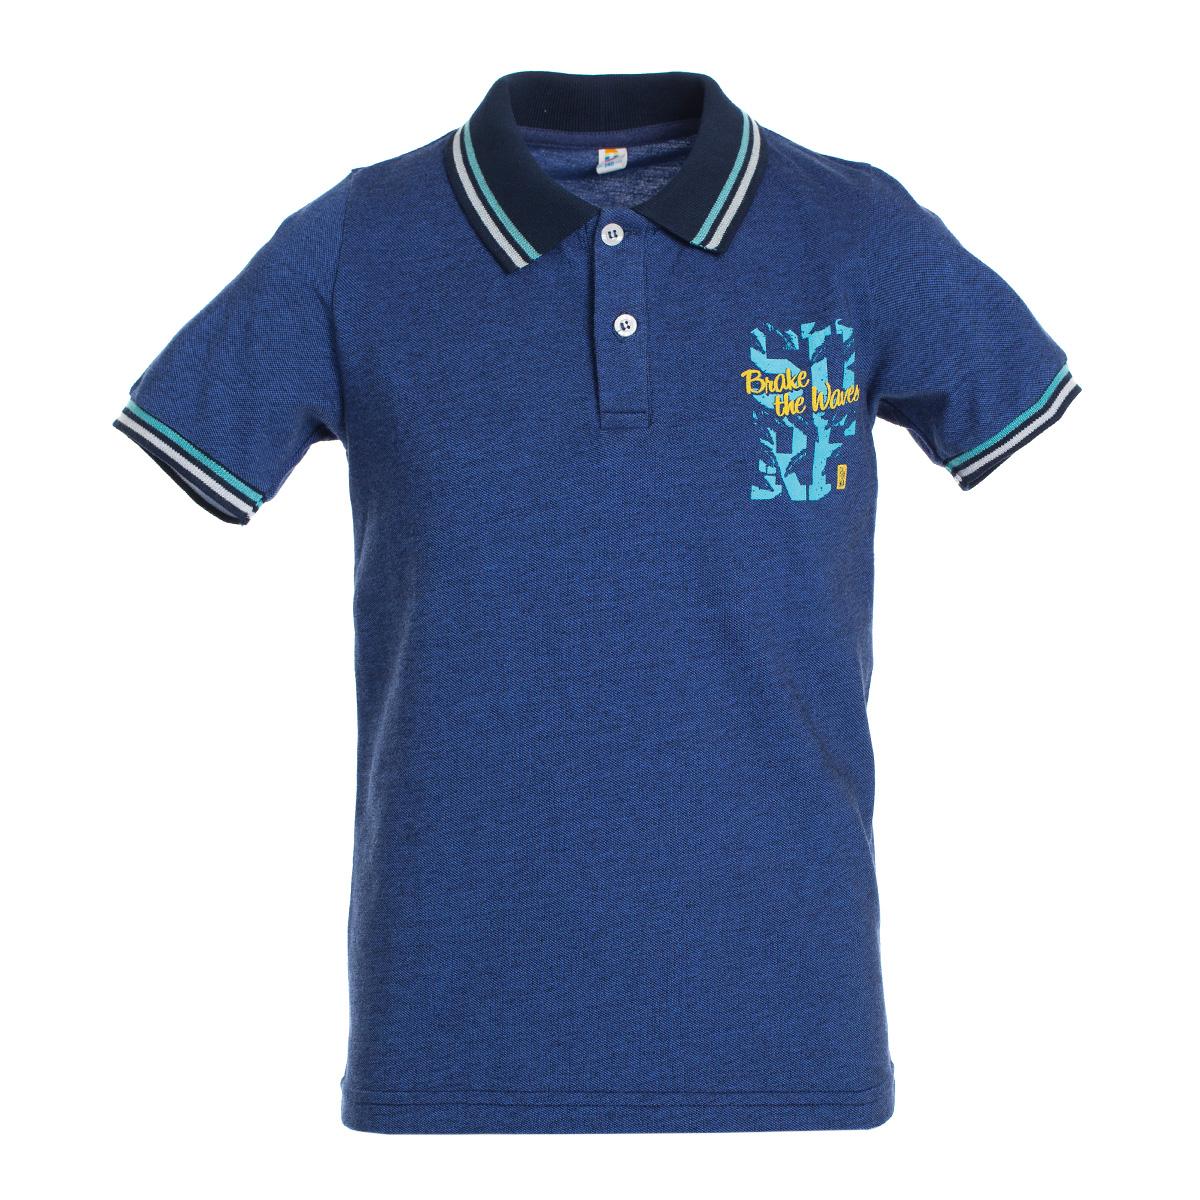 Рубашка поло DRESSPARK, MP-B030305 недорого